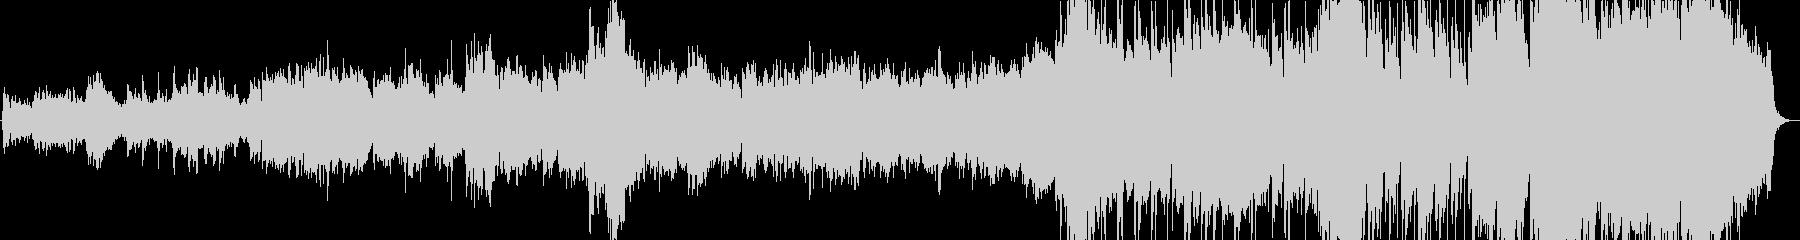 きらきらしたオーケストラ風のBGMの未再生の波形